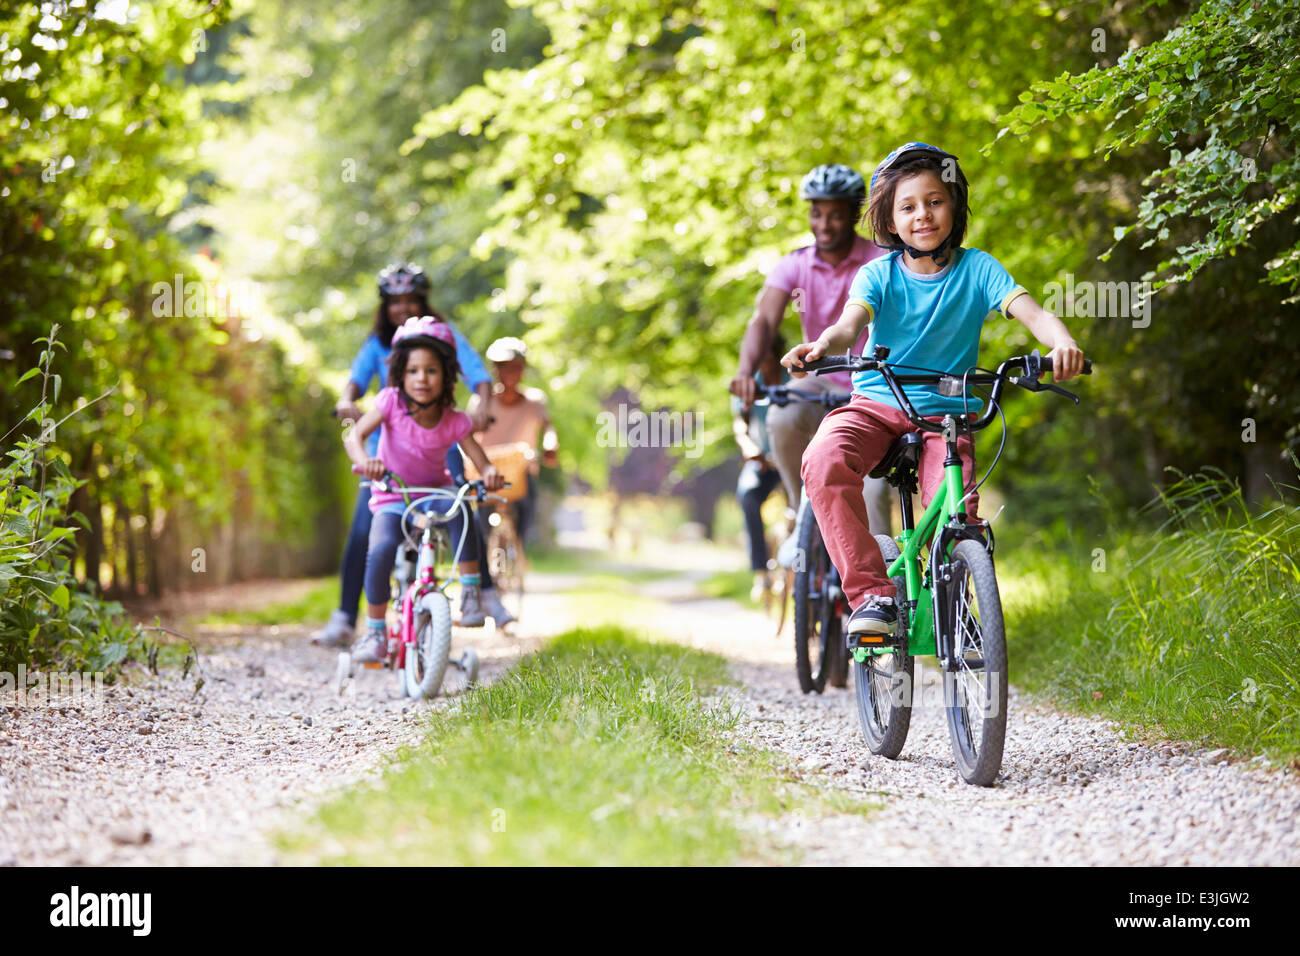 Varias generaciones de la familia afroamericana en Paseo en Bicicleta Imagen De Stock